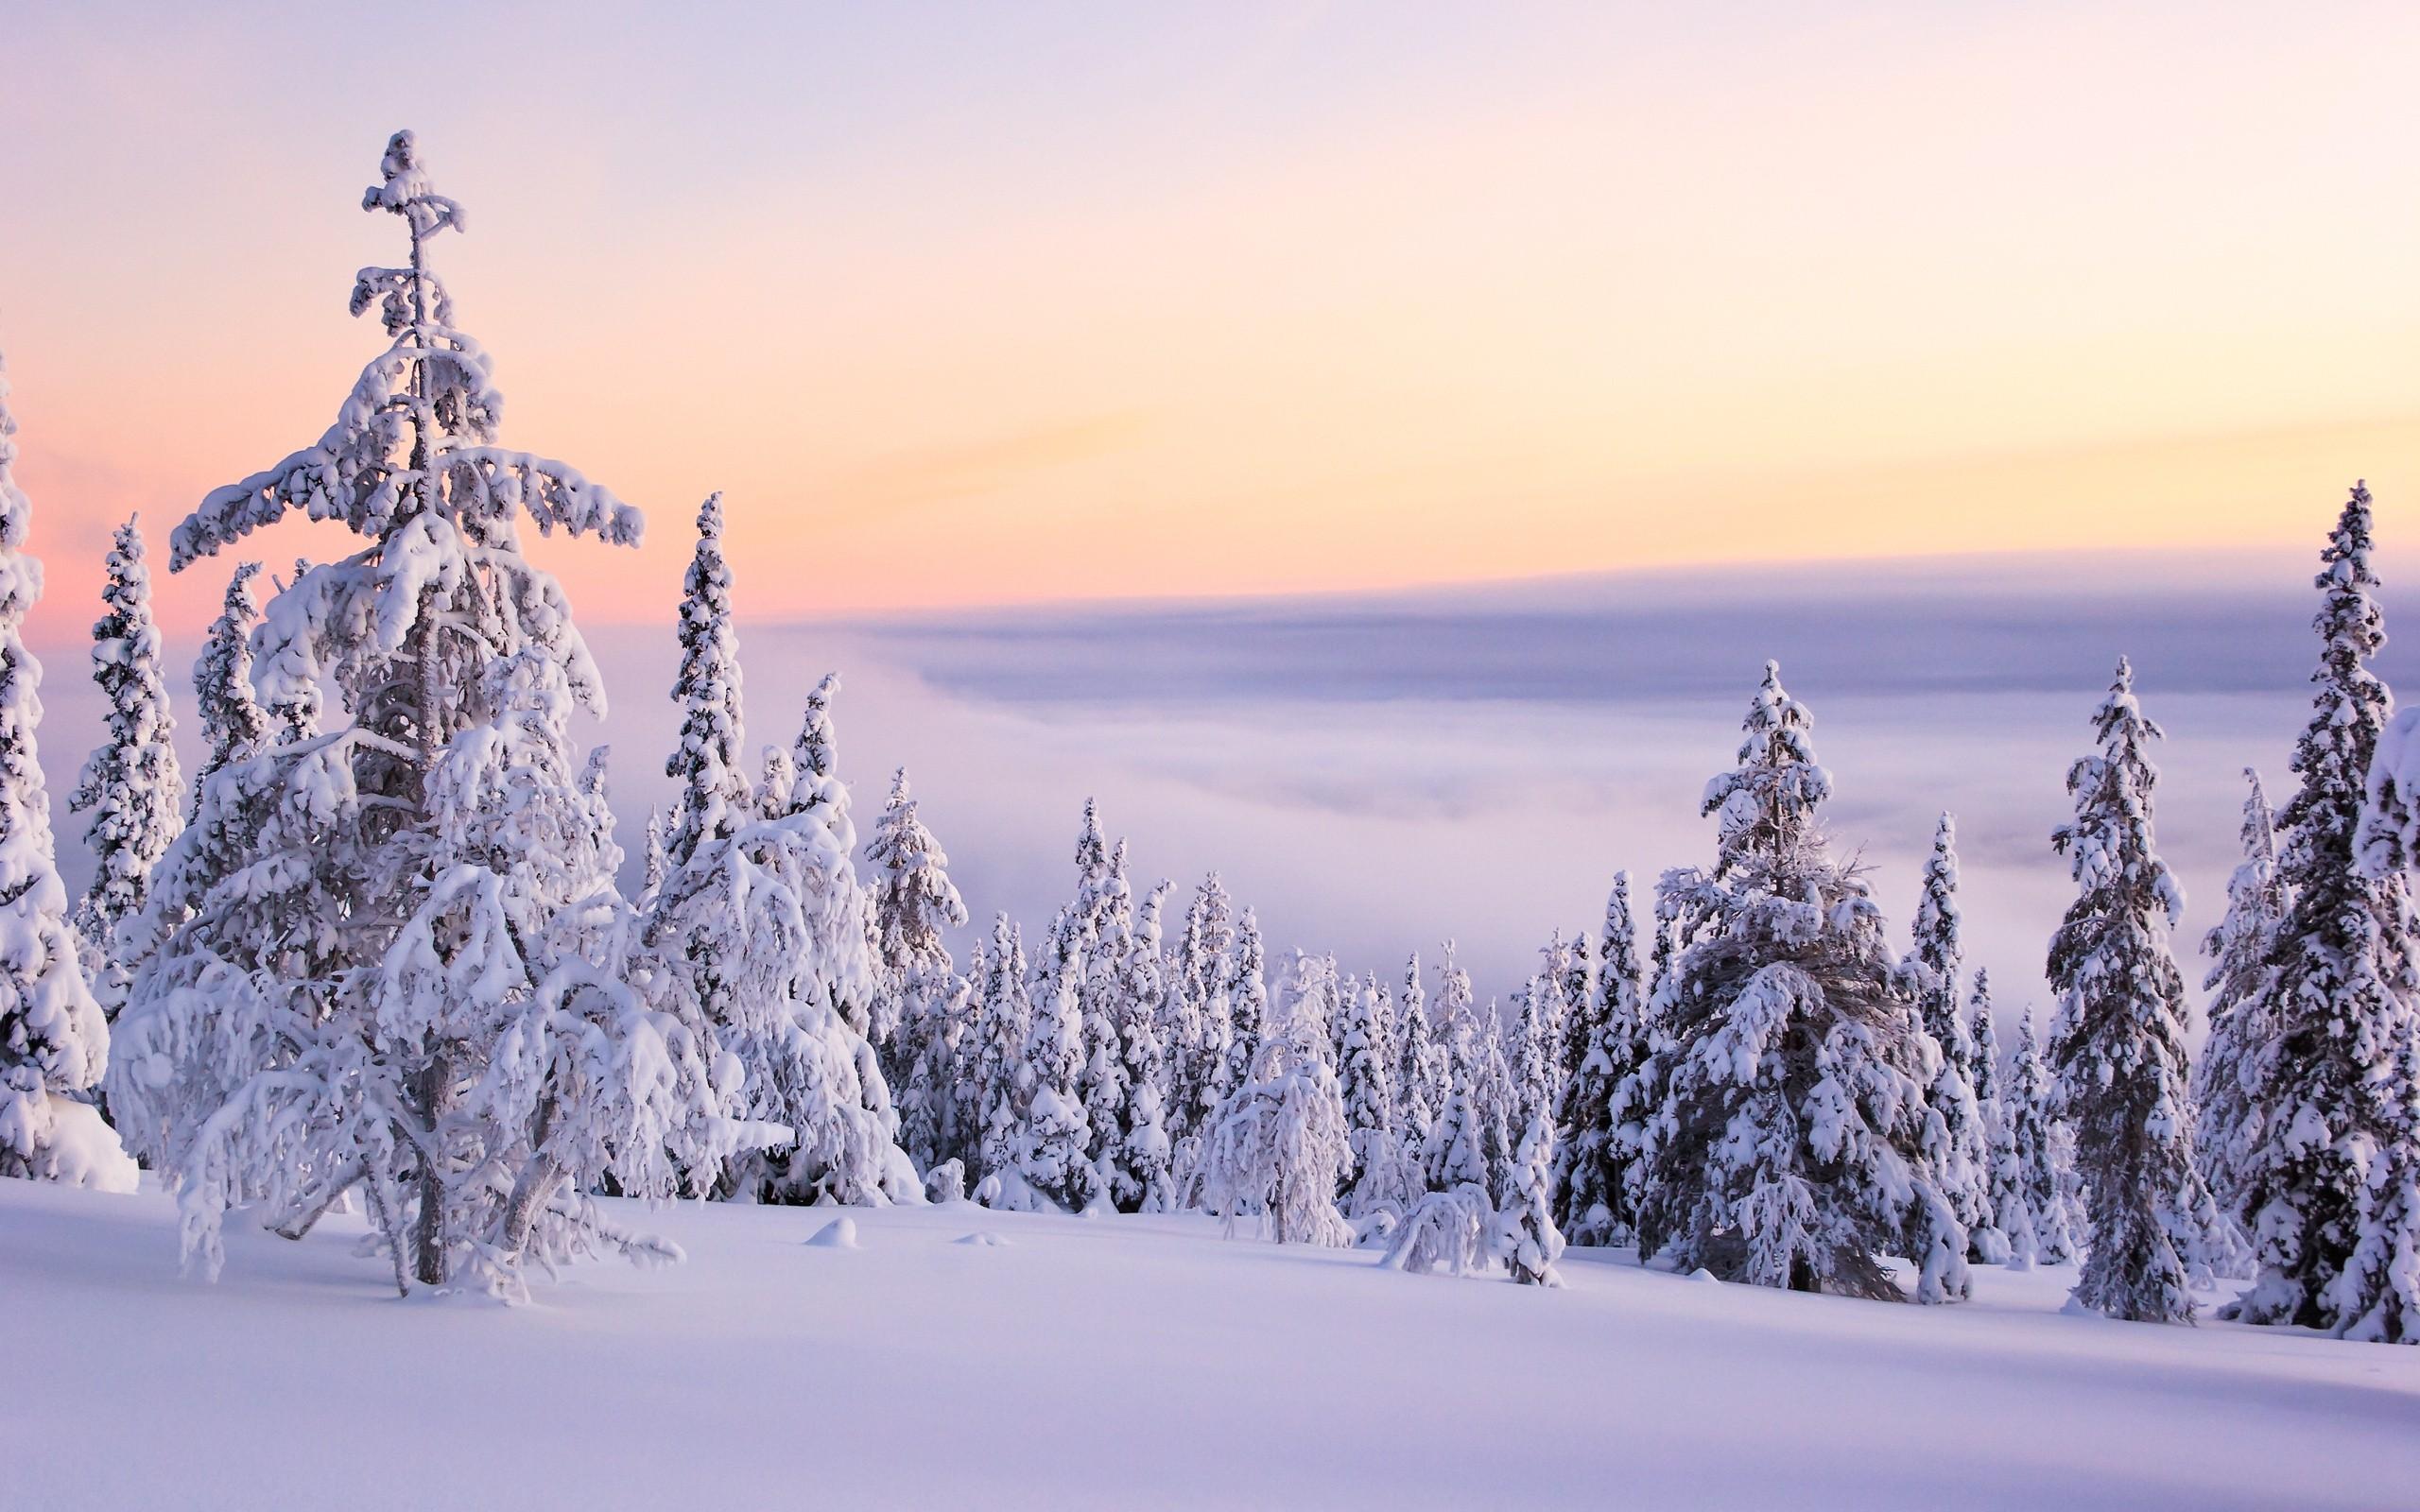 природа снег зима деревья горы  № 2577147  скачать